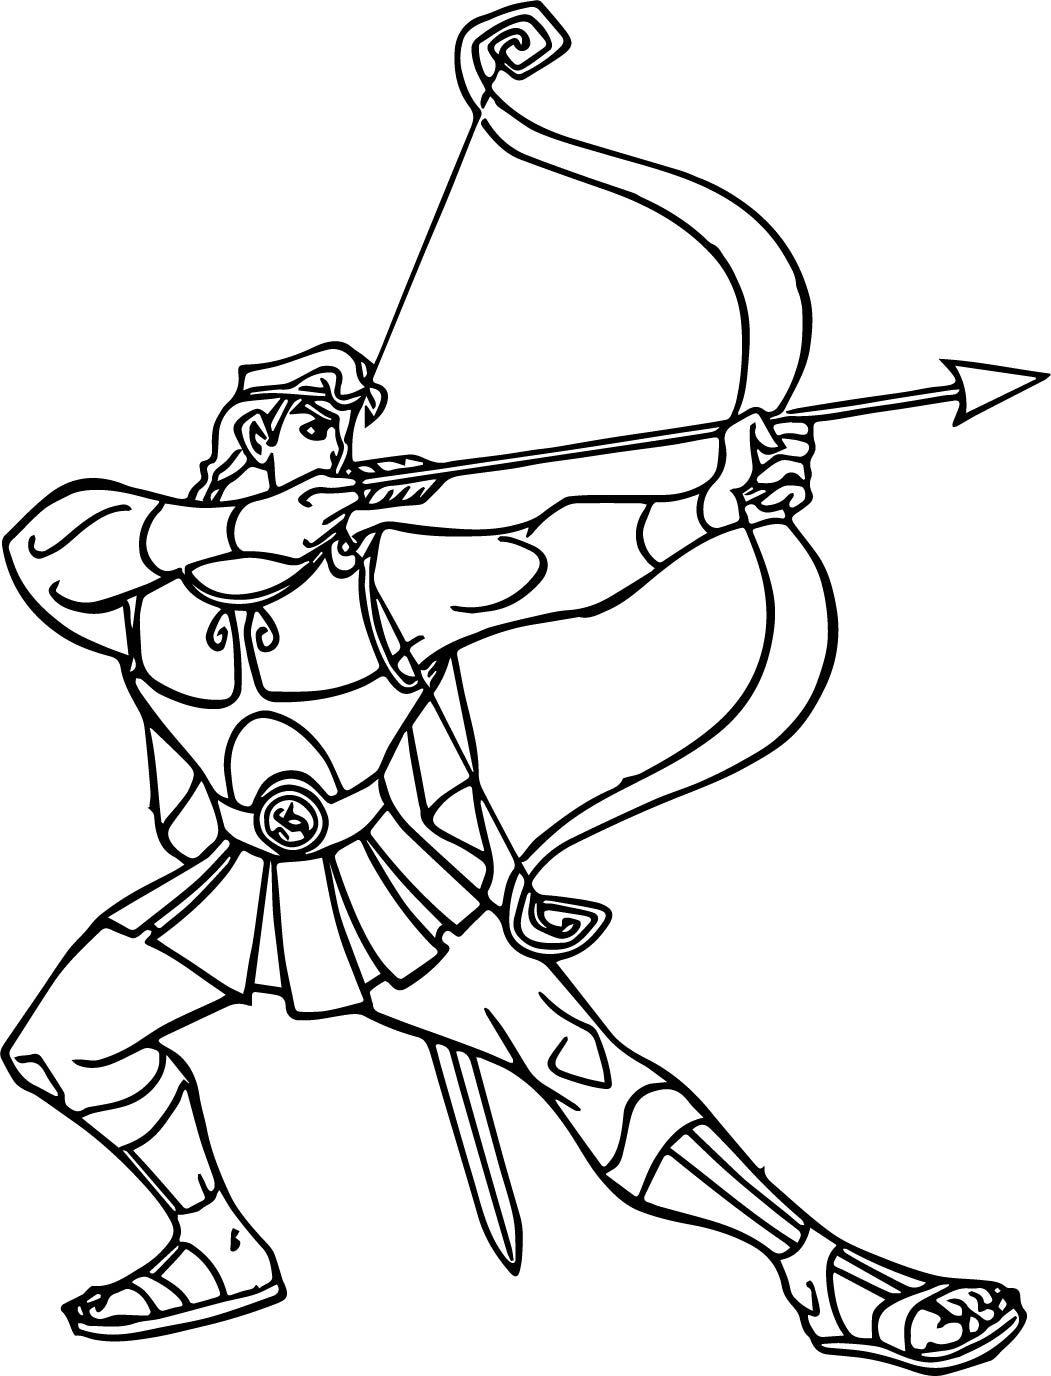 Геракл картинки как нарисовать